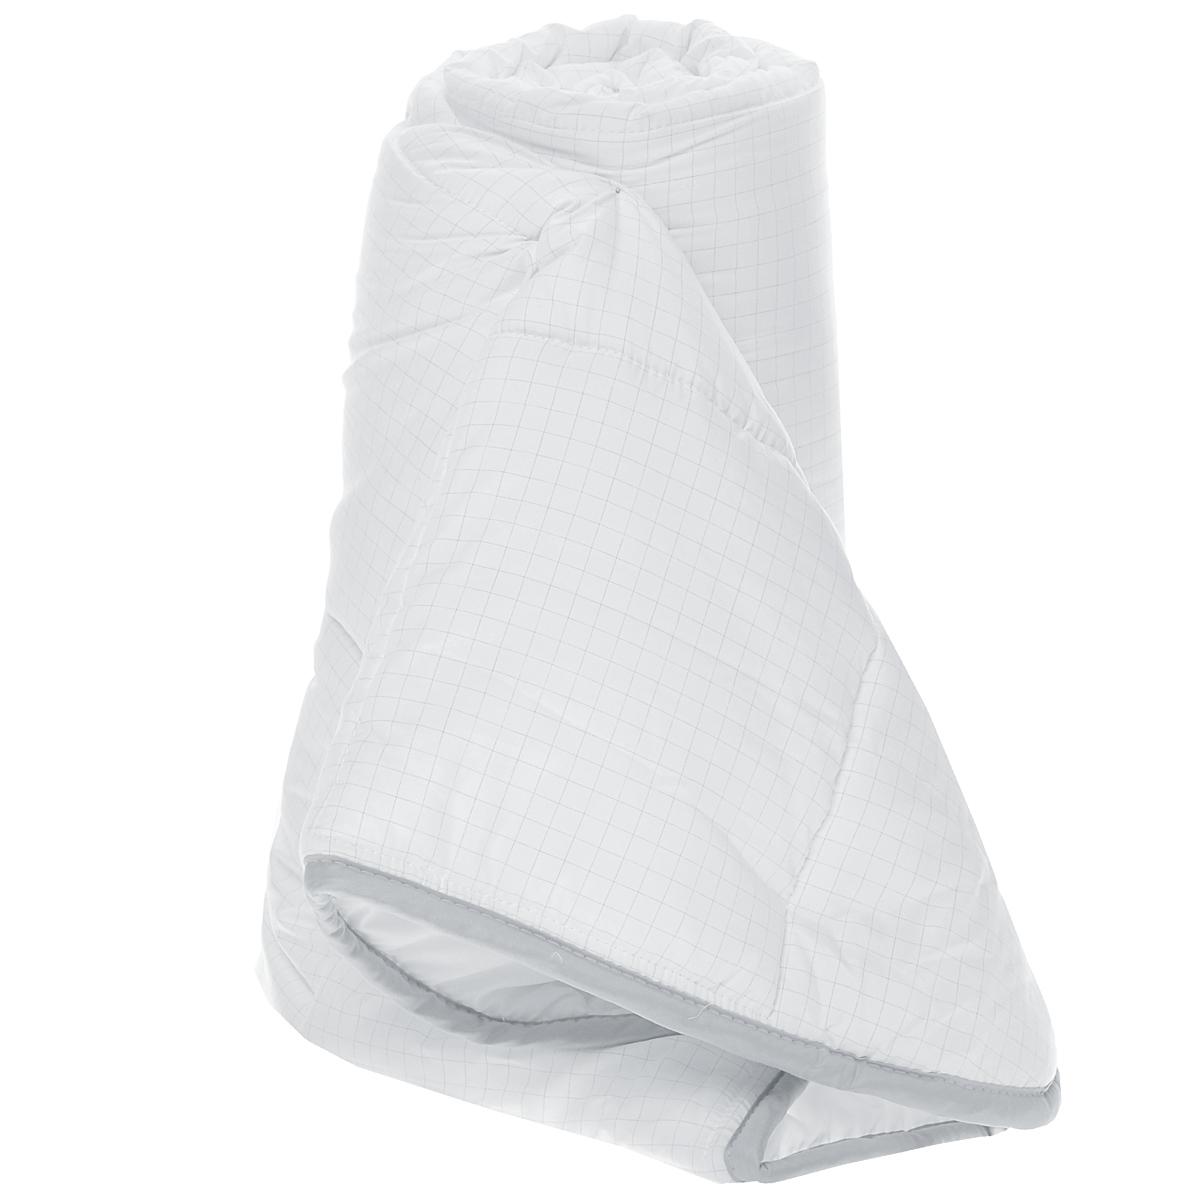 Одеяло легкое Comfort Line Антистресс, наполнитель: полиэстер, 172 см х 205 см96515412Легкое одеяло Comfort Line Антистресс подарит незабываемое чувство комфорта и уюта во время сна. Одеяло выполнено по инновационной технологии с применением карбоновой нити, которая способна снимать и отводить статическое напряжение. При уменьшении статического электричества качество сна увеличивается, вы почувствуете себя более отдохнувшим и снявшим стресс. Идеально подойдет людям, которые много времени проводят на работе, подвержены стрессу и заботятся о своем здоровье. Изделие также отлично отводит и испаряет влагу.Одеяло упаковано в пластиковую сумку-чехол, закрывающуюся на застежку-молнию.Рекомендации по уходу: - Можно стирать в стиральной машине при температуре не выше 30°С. - Не отбеливать. - Не гладить. - Нельзя отжимать и сушить в стиральной машине. - Химчистка с мягким растворителем. - Сушить вертикально. Материал чехла: микрофибра (99,4% полиэстер, 0,6% карбон).Наполнитель: полиэстеровое волокно (100% полиэстер). Размер: 172 см х 205 см. Масса наполнителя: 150 г/м2.